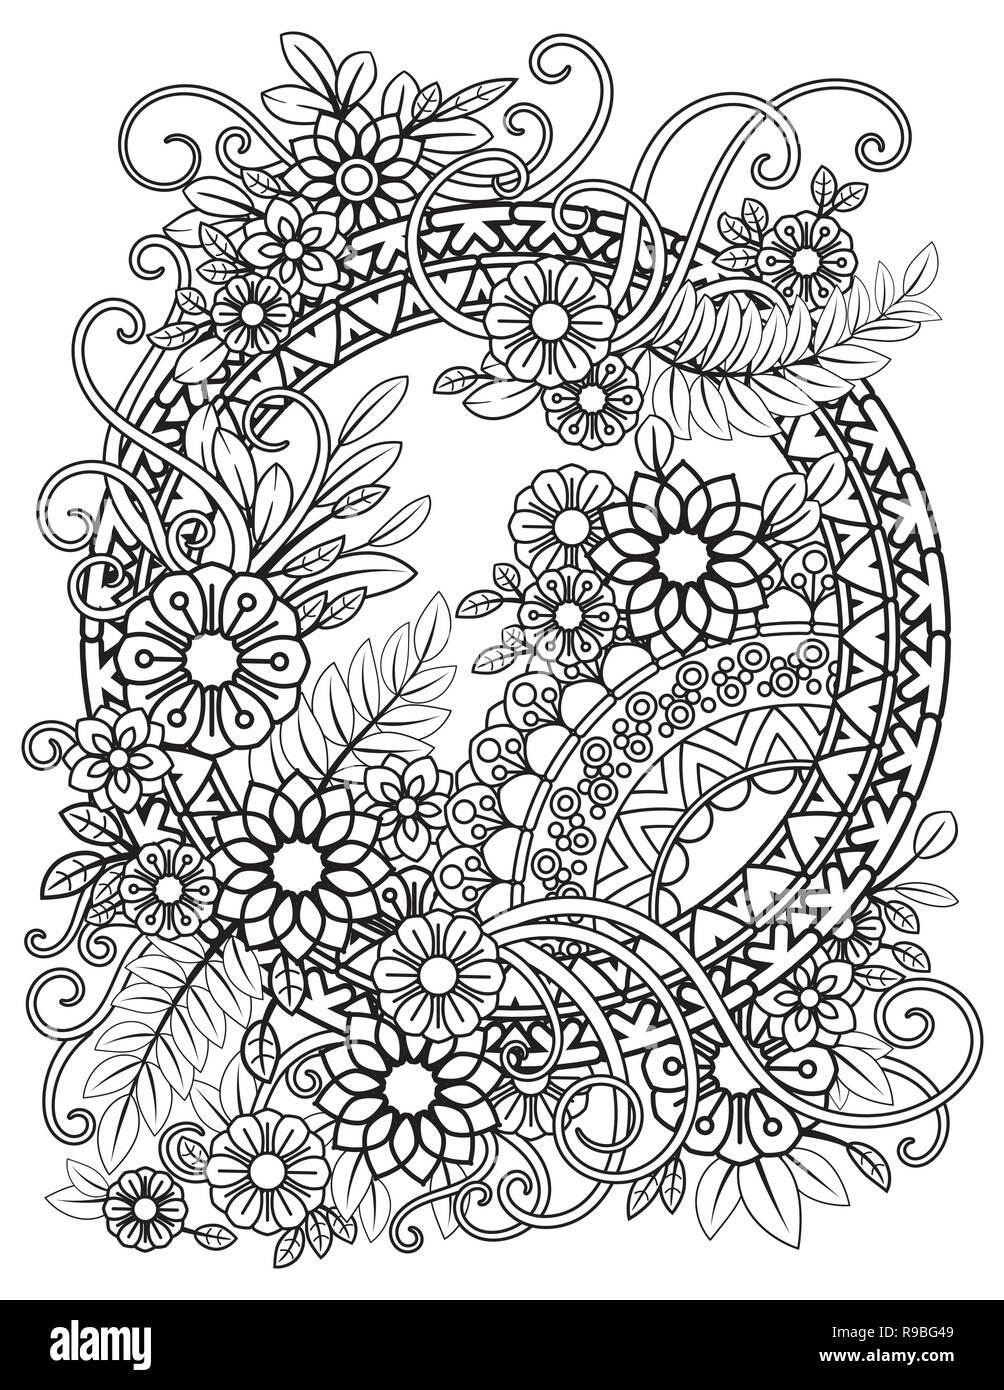 Nach Färbung mit Blumen Muster. Schwarze und weiße Blumen Mandala